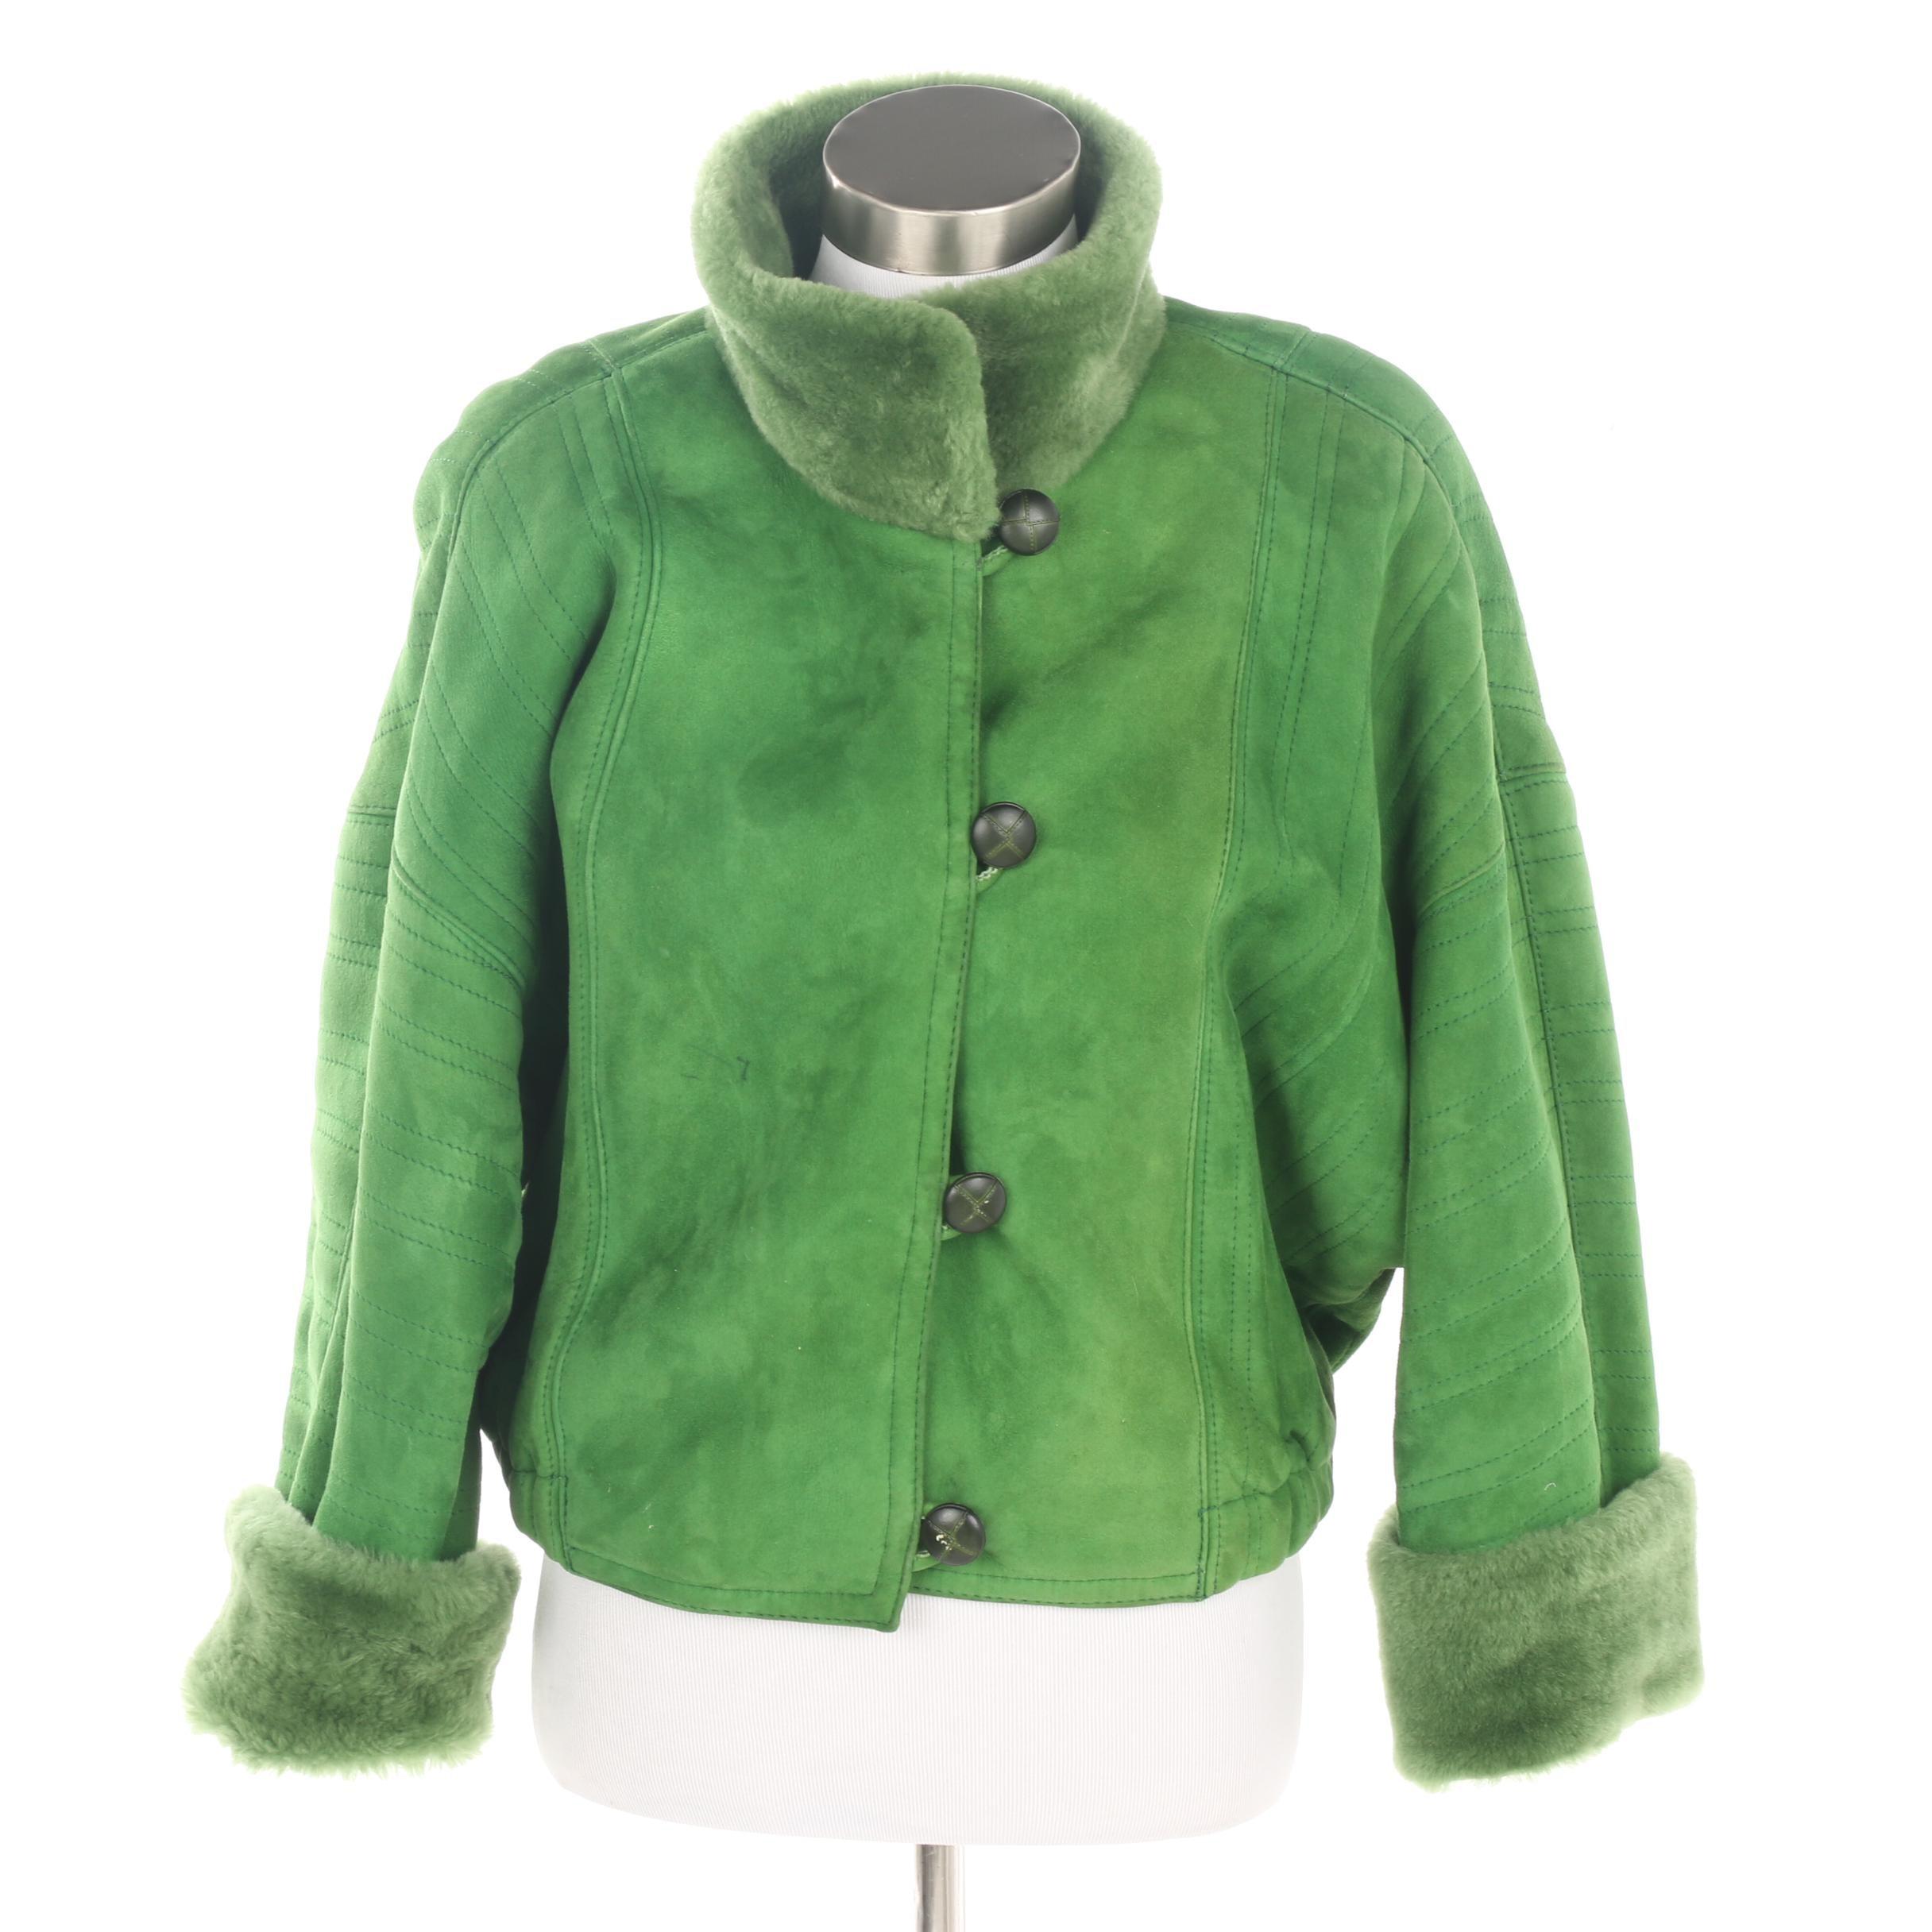 Women's Vintage Oscar de la Renta Green Suede and Shearling Coat